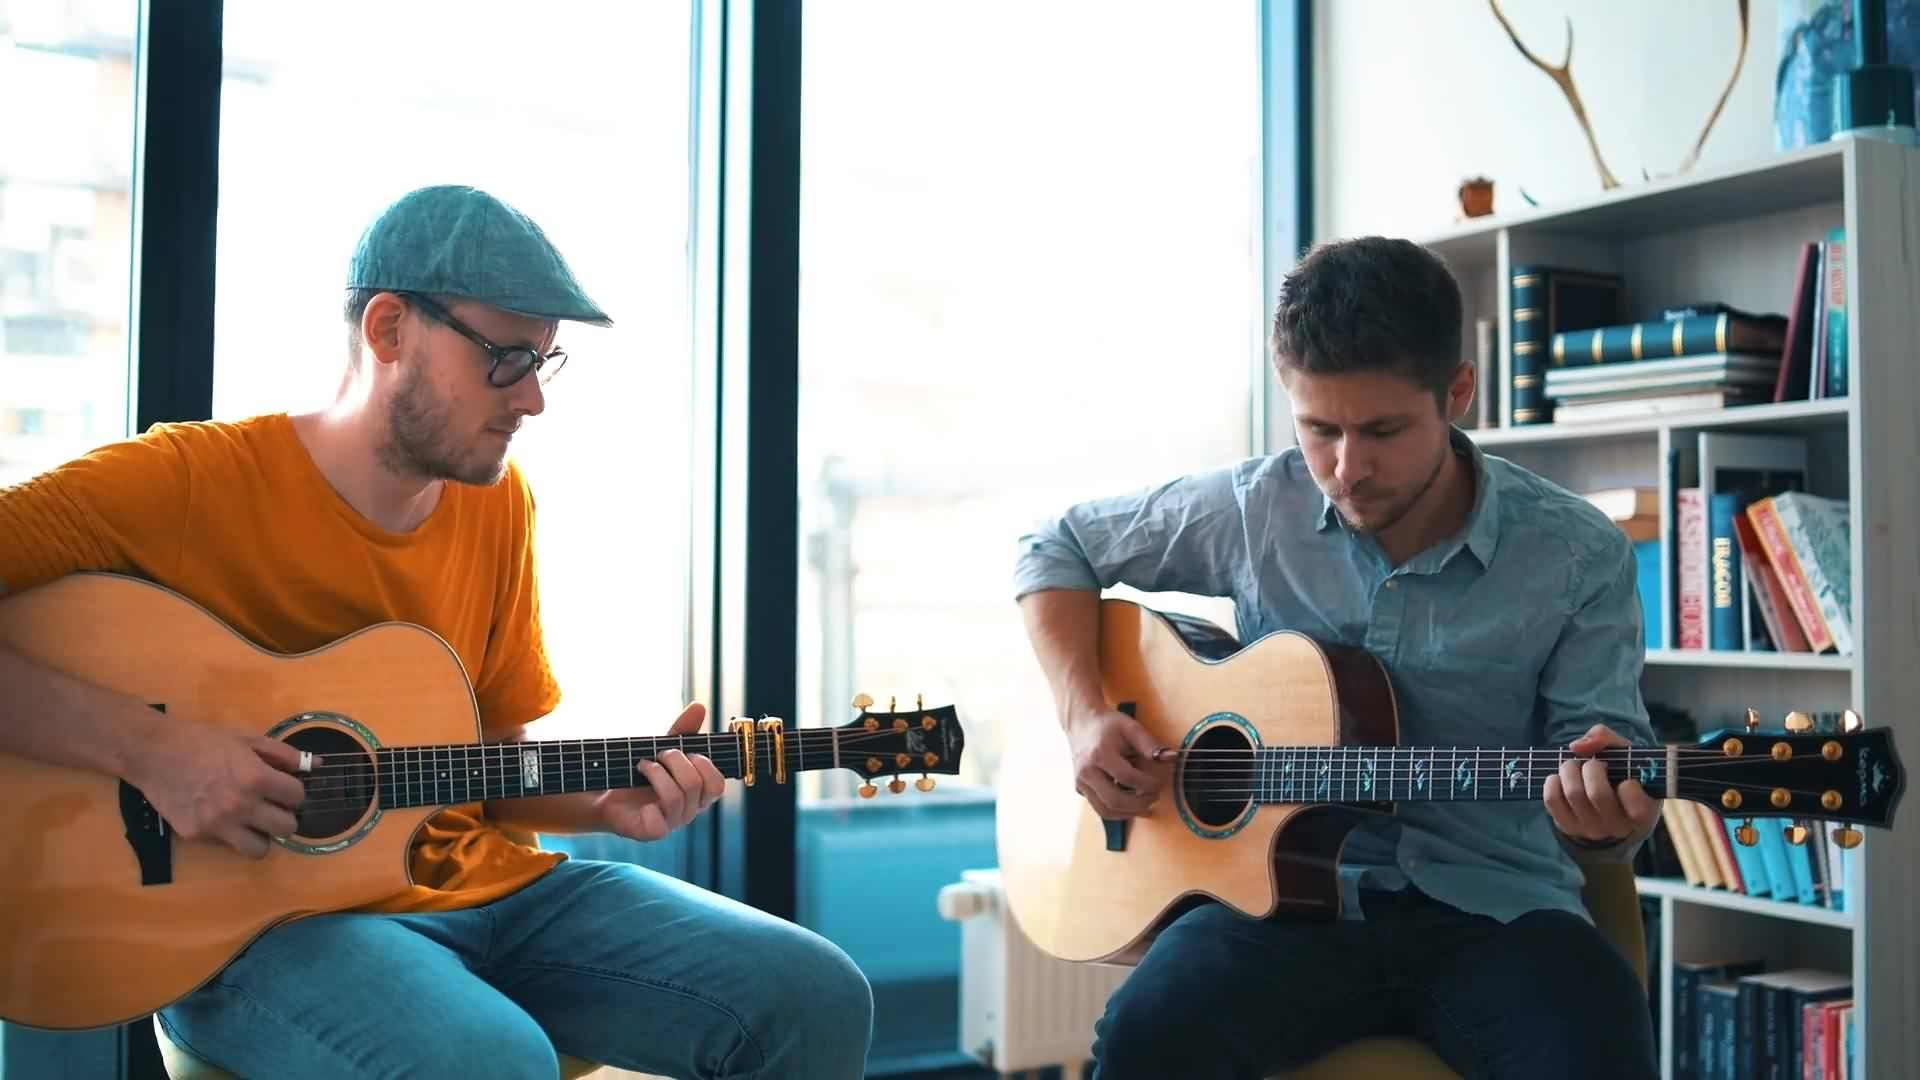 河南马丁泰勒吉他批发价格_美国弹拨类乐器价格-河南欧乐乐器批发有限公司